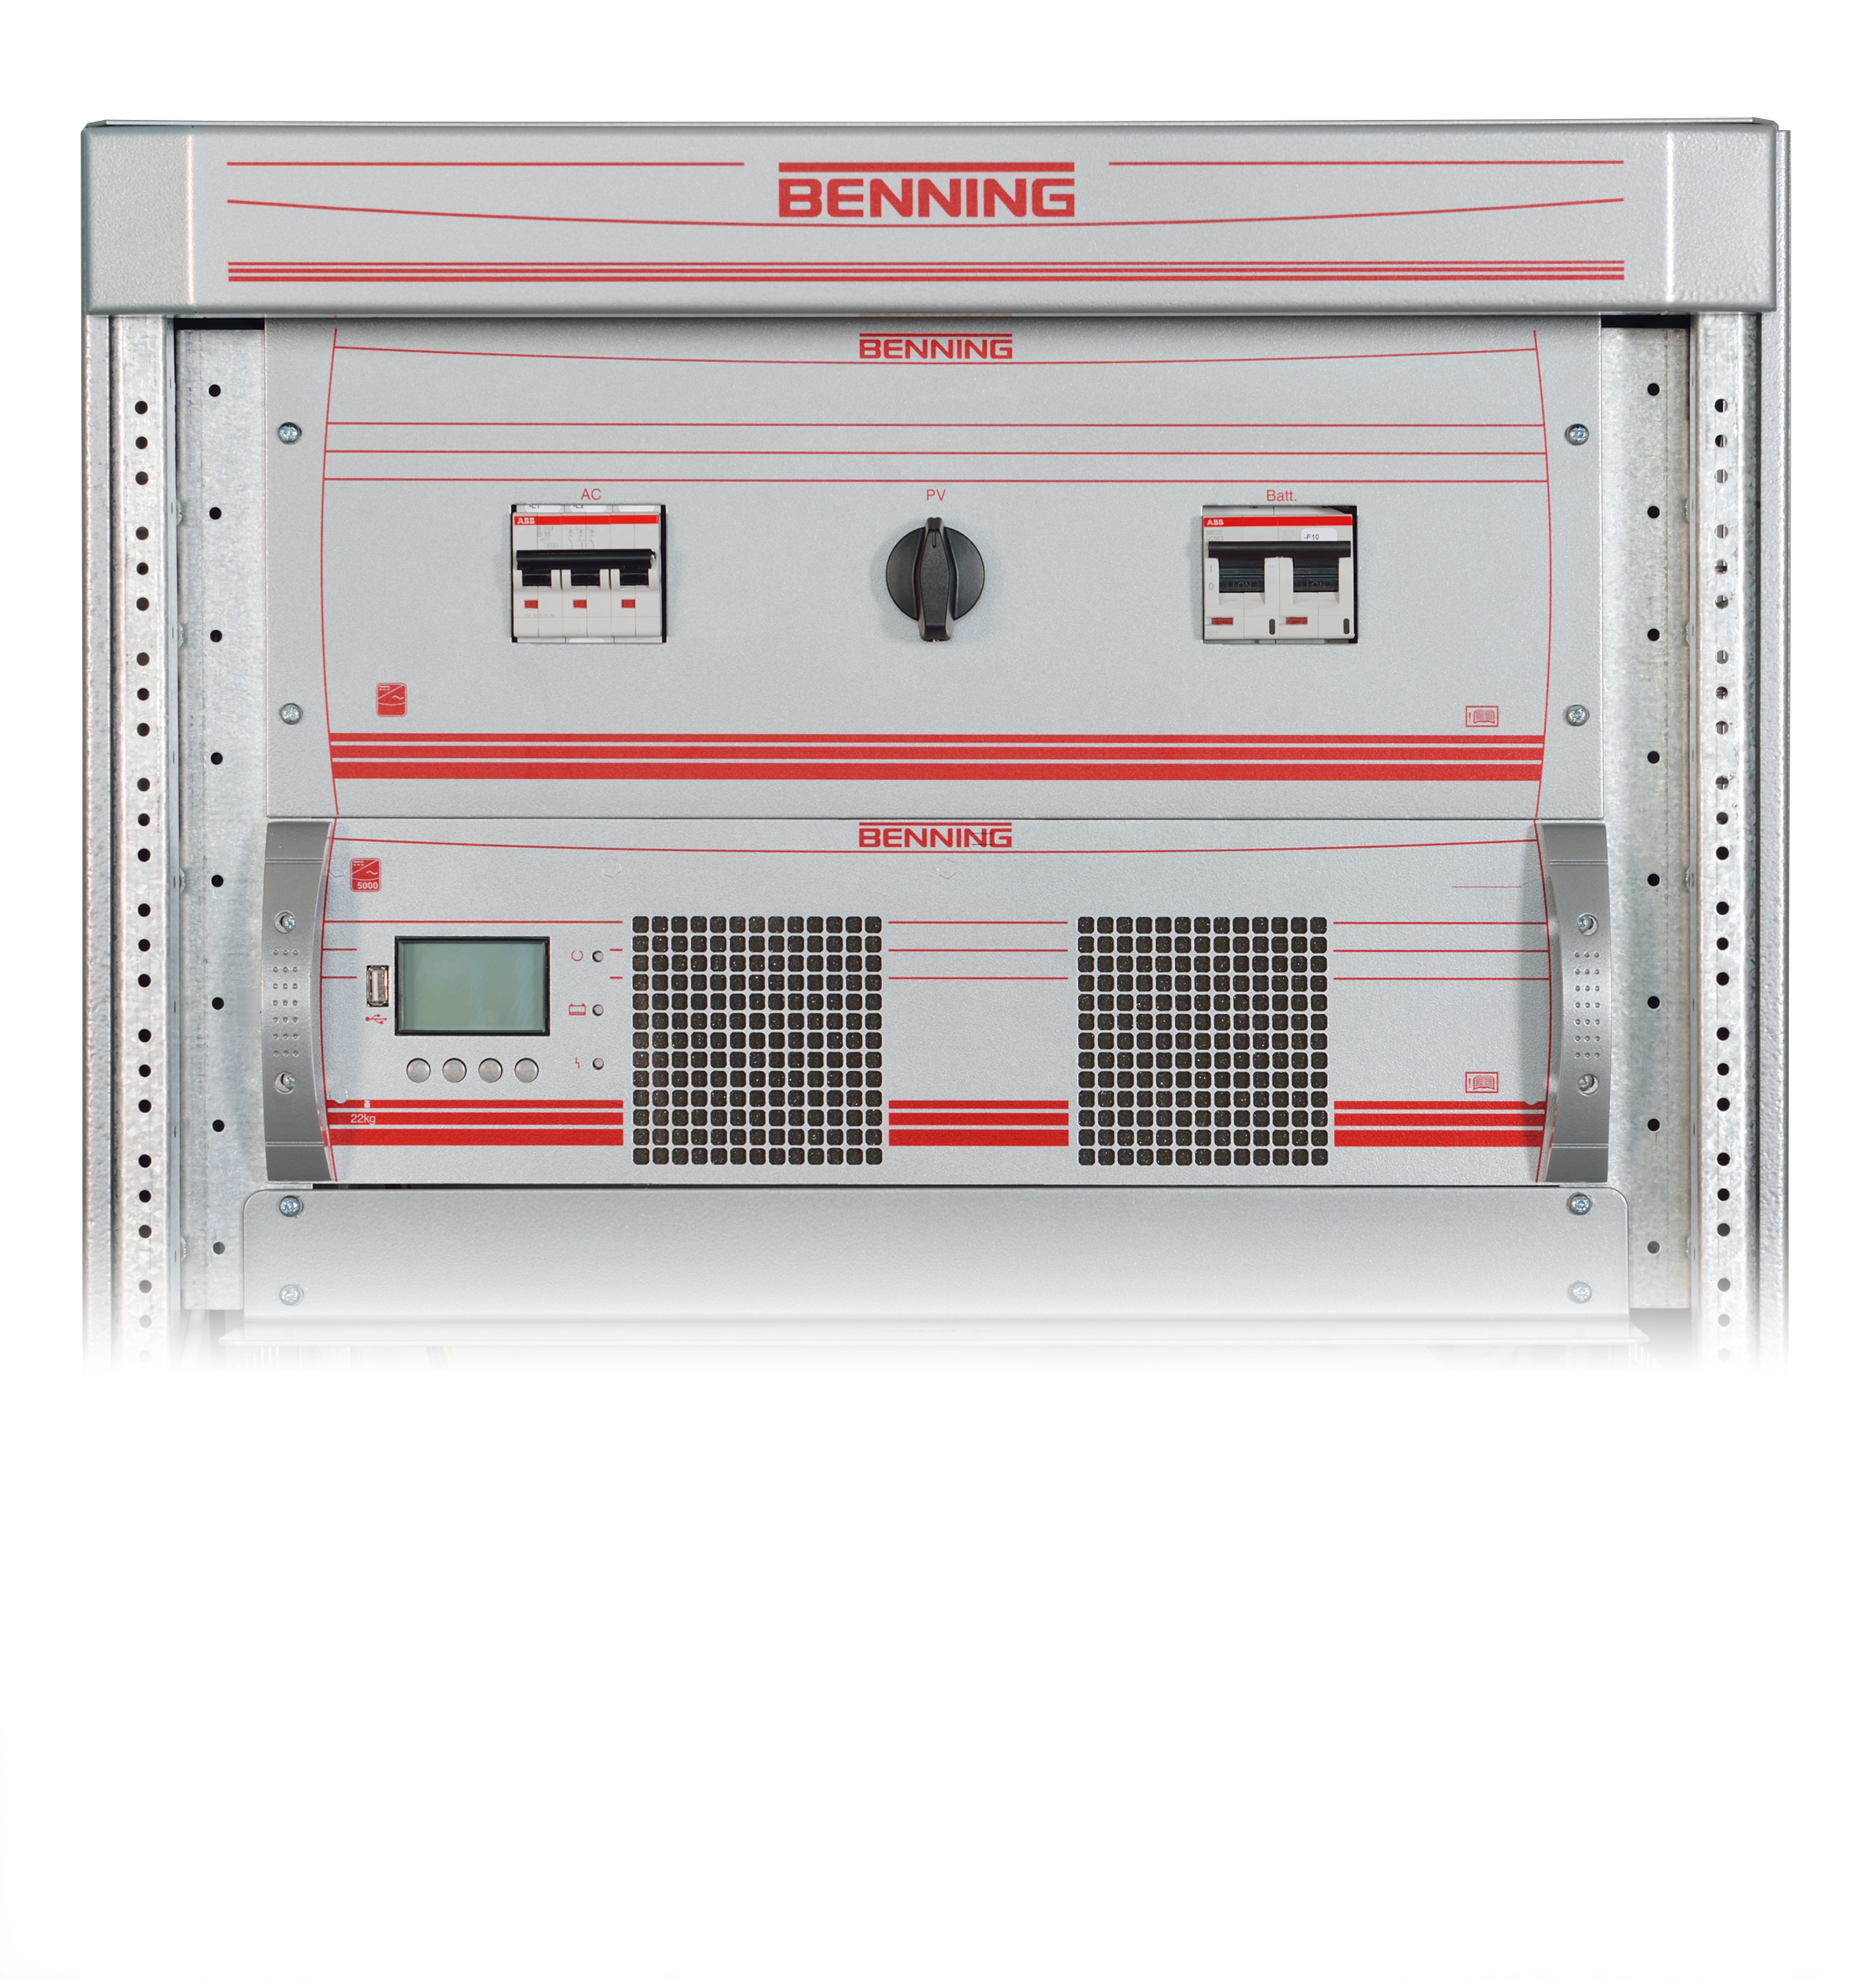 1 Stk Wechselrichter EPM 7.3-PV 7 kW PVES0015--